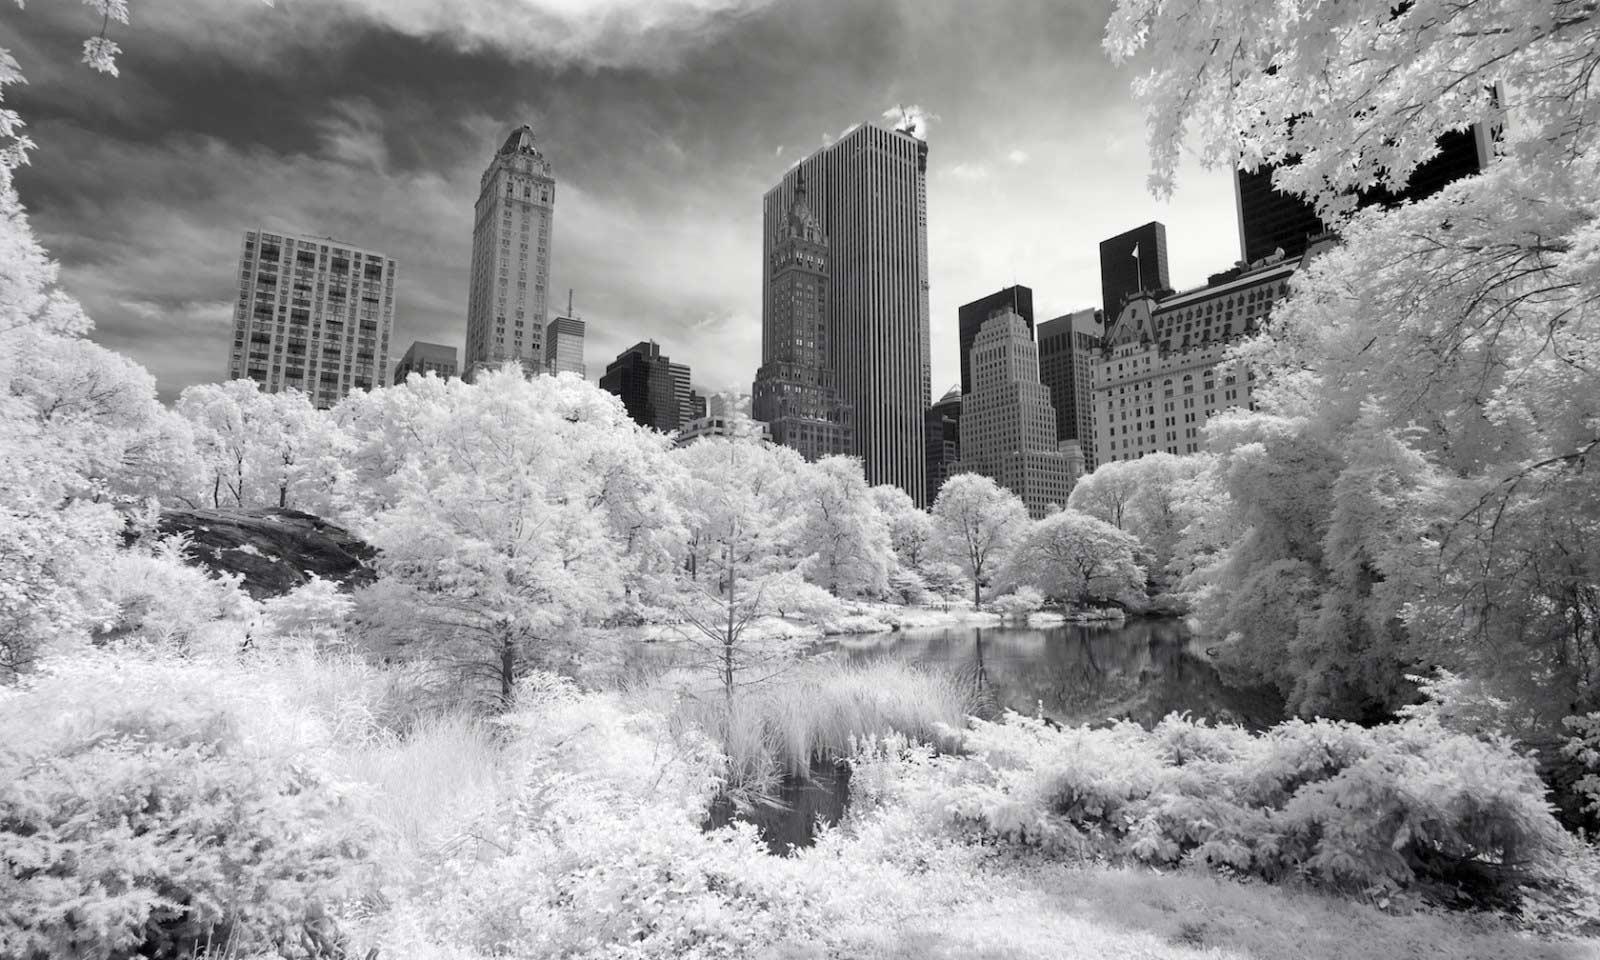 schwarz/weiß bild central park